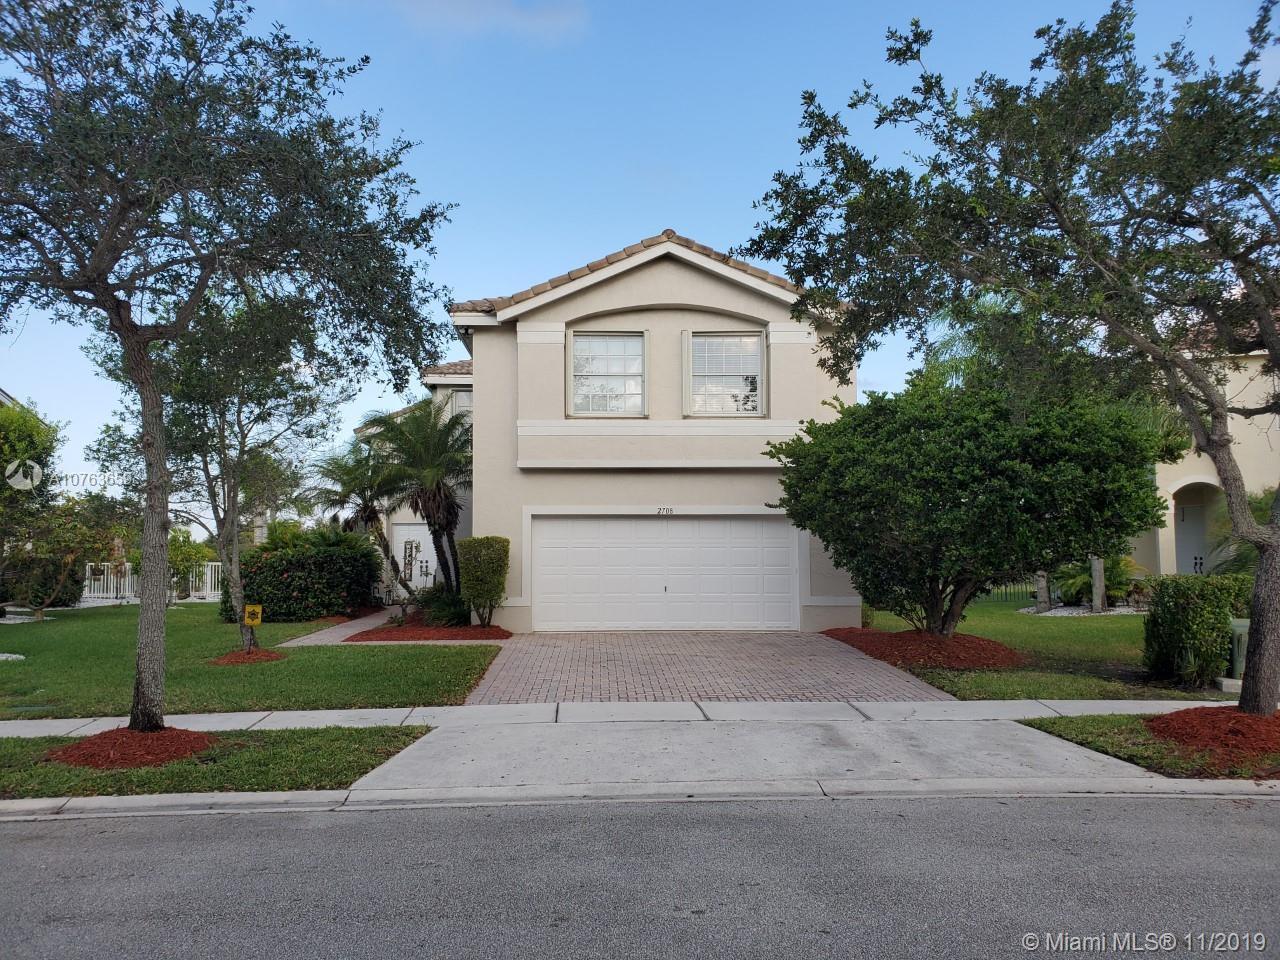 2708 SW 165th Ave, Miramar, FL, 33027